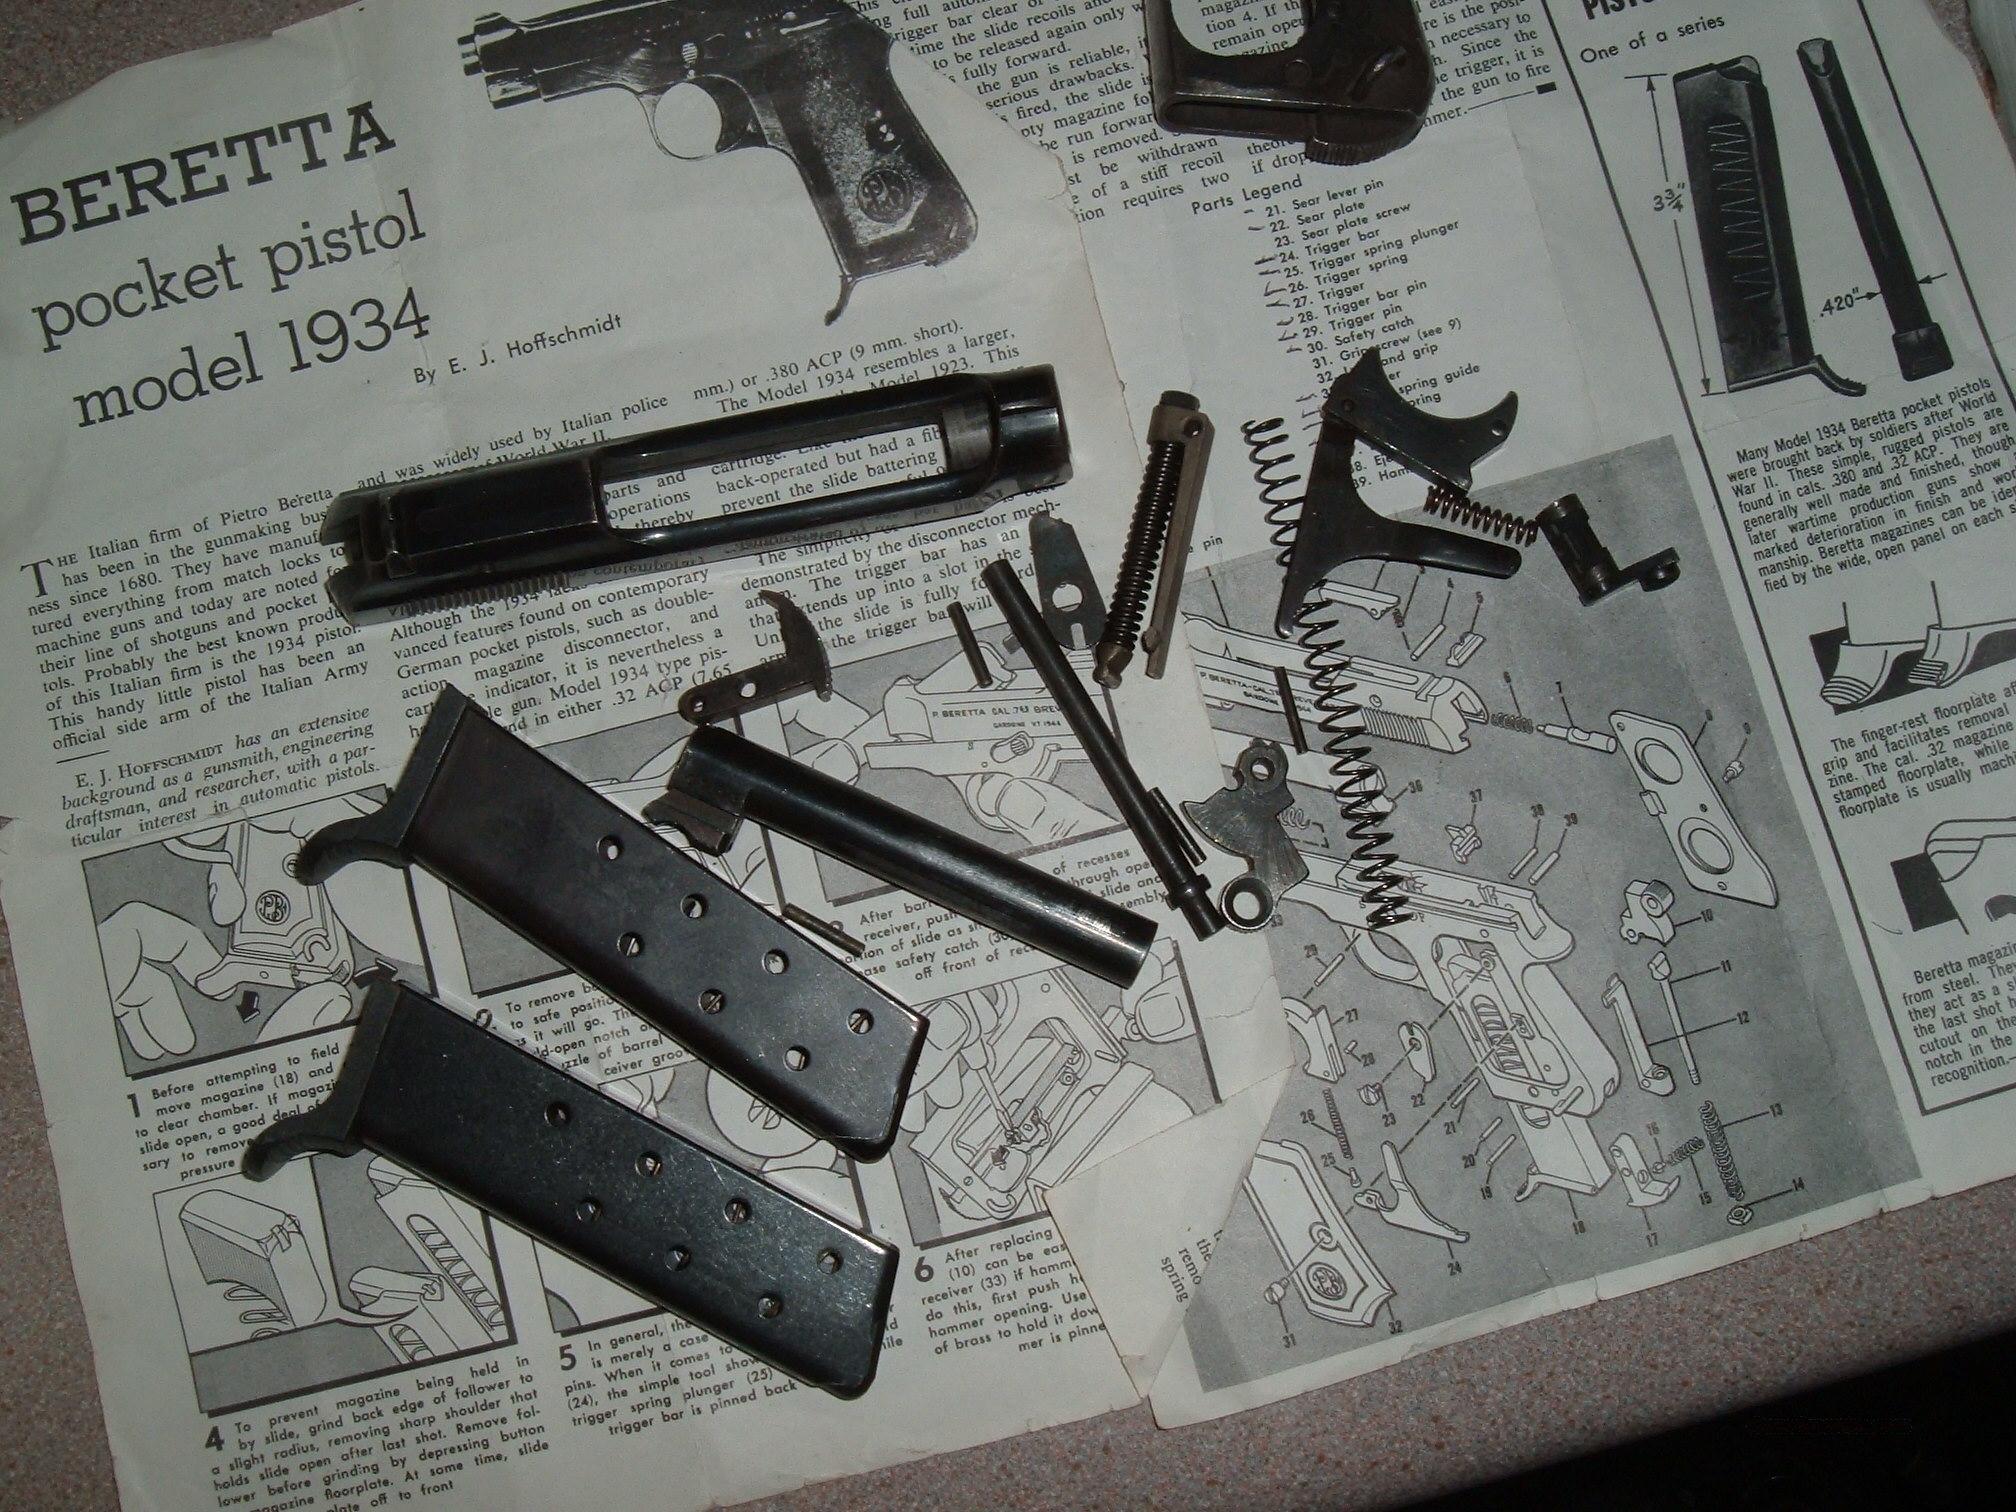 Ak 47 Schematic Full Auto - Toyskids.co • on mosin nagant schematic, m16 rifle, ak-74 schematic, thompson submachine gun, fn scar, ak full auto schematic, m60 machine gun, fn fal, m4 schematic, uzi submachine gun, m1 garand, mikhail kalashnikov, assault rifle, m4 carbine, steyr aug, winchester schematic, sks schematic,